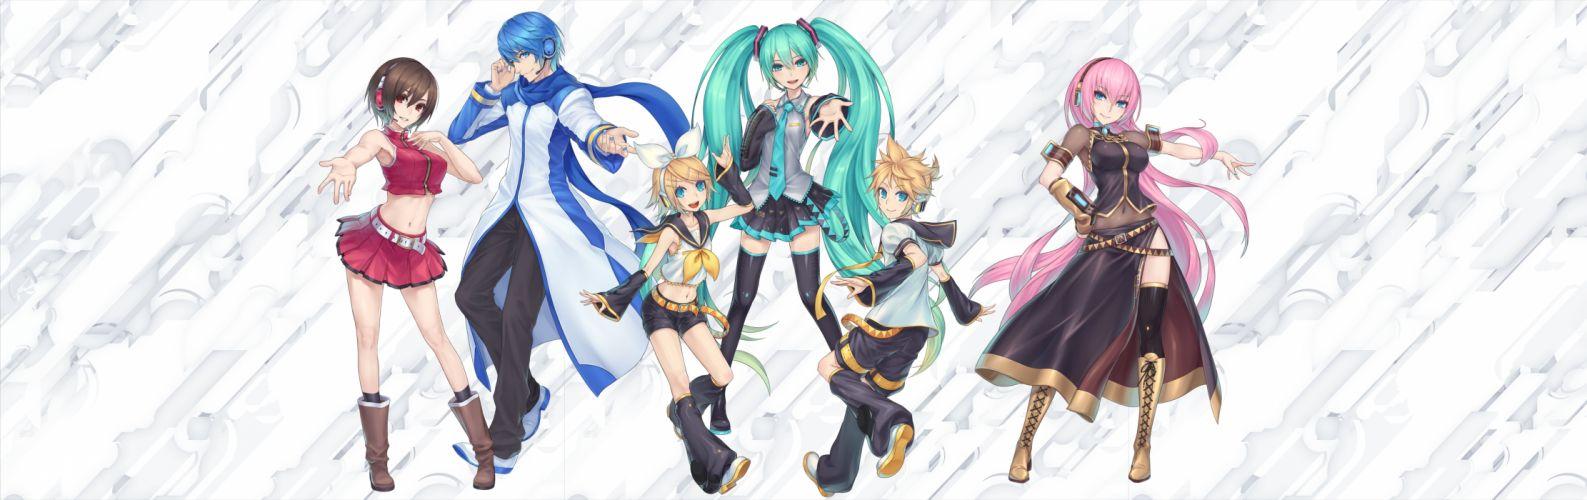 Vocaloid g wallpaper